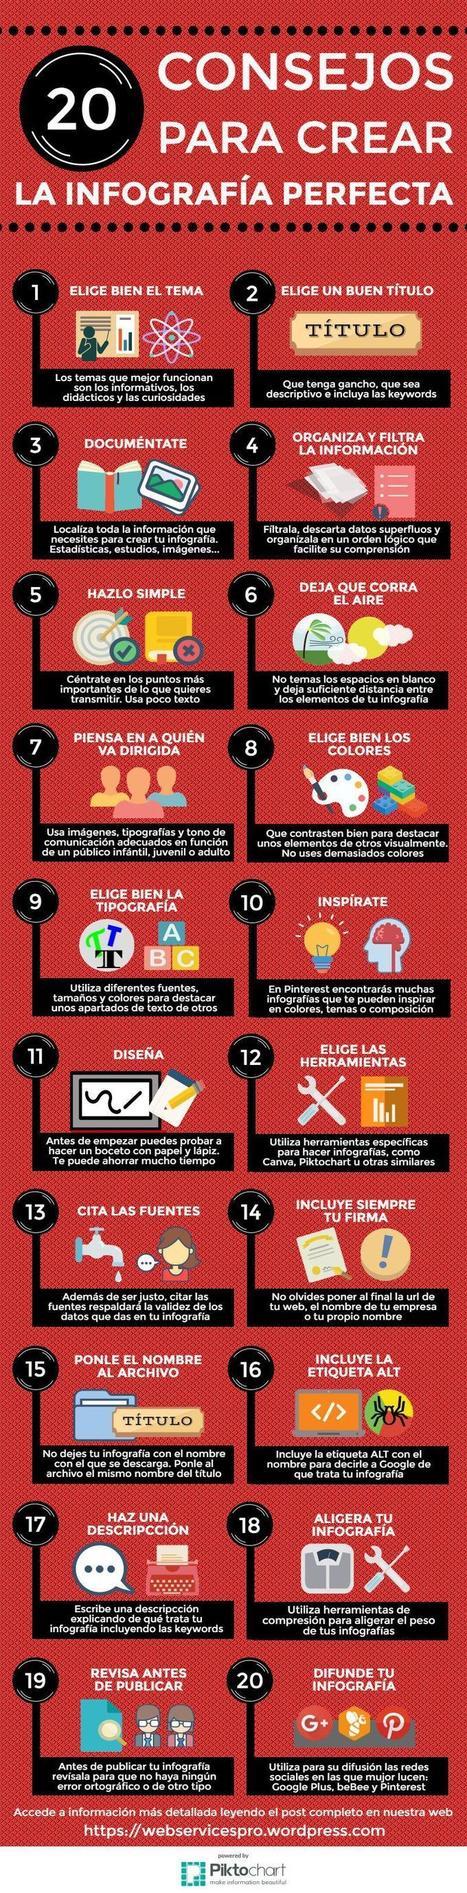 20 consejos para crear la infografía perfecta | school | Scoop.it